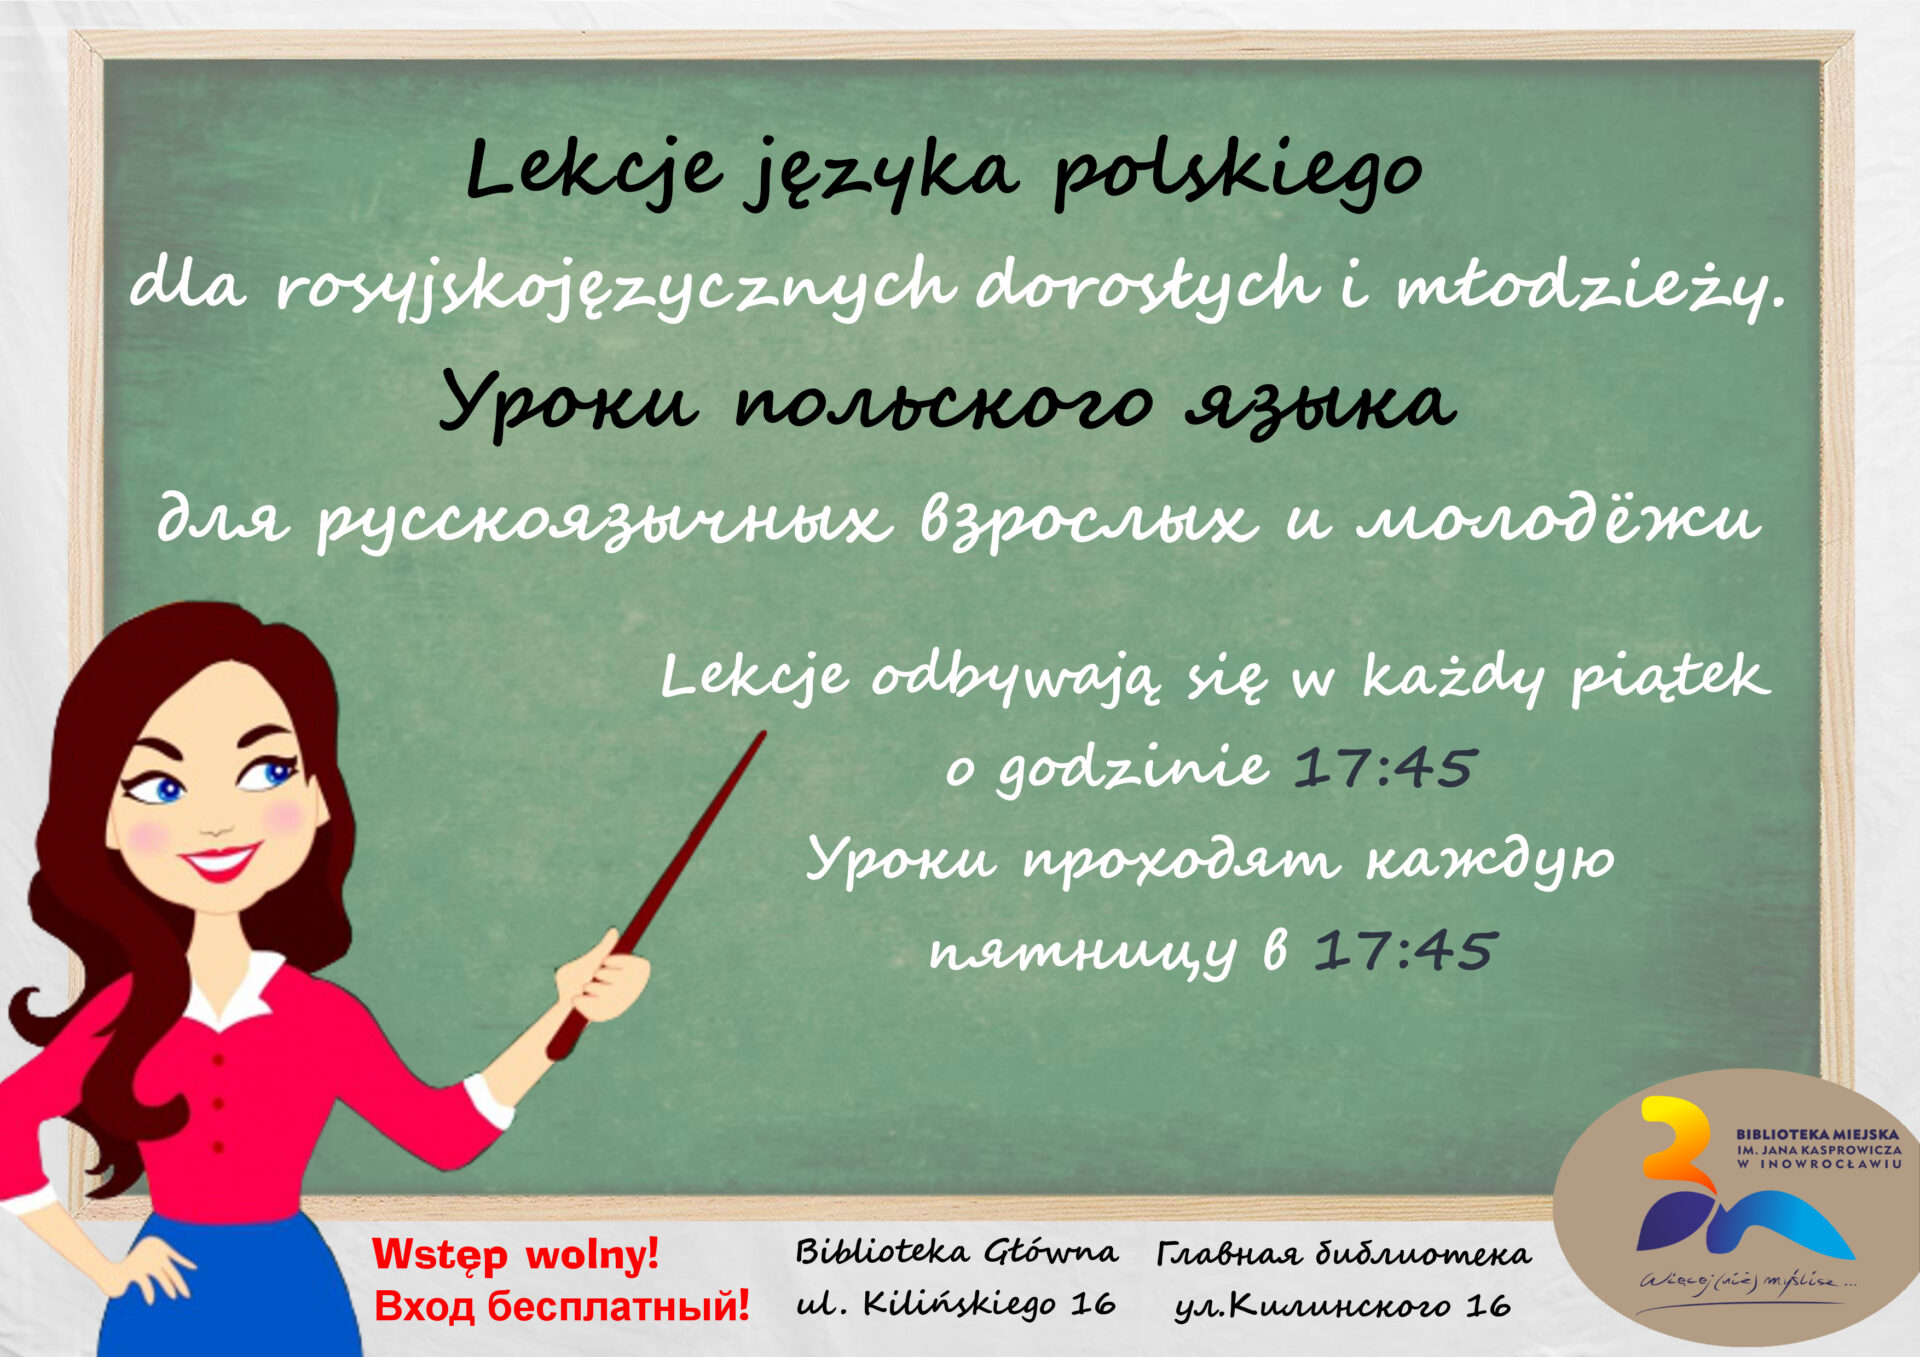 jeżyk polski